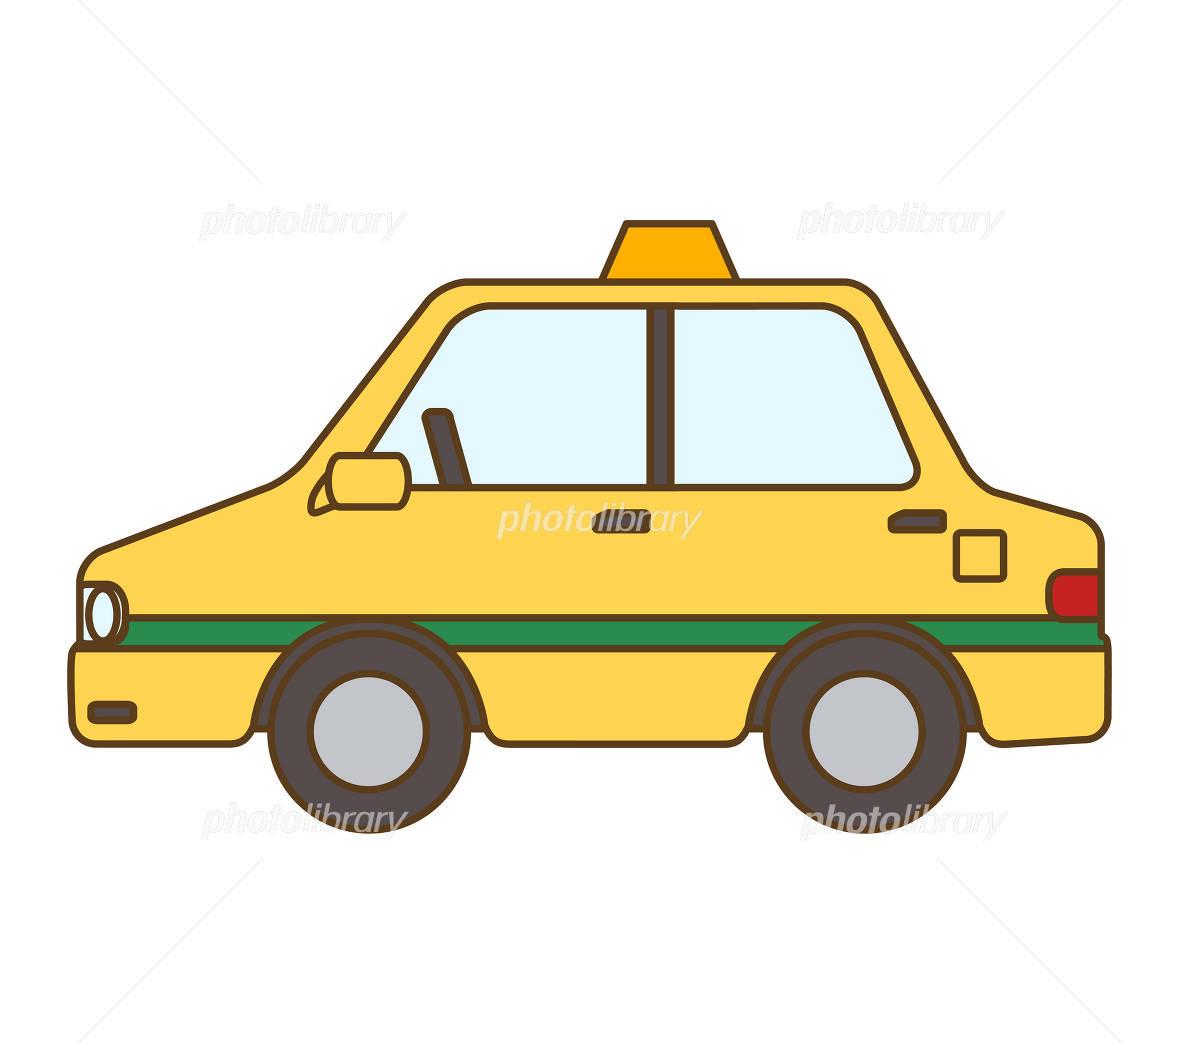 Taxi イラスト素材